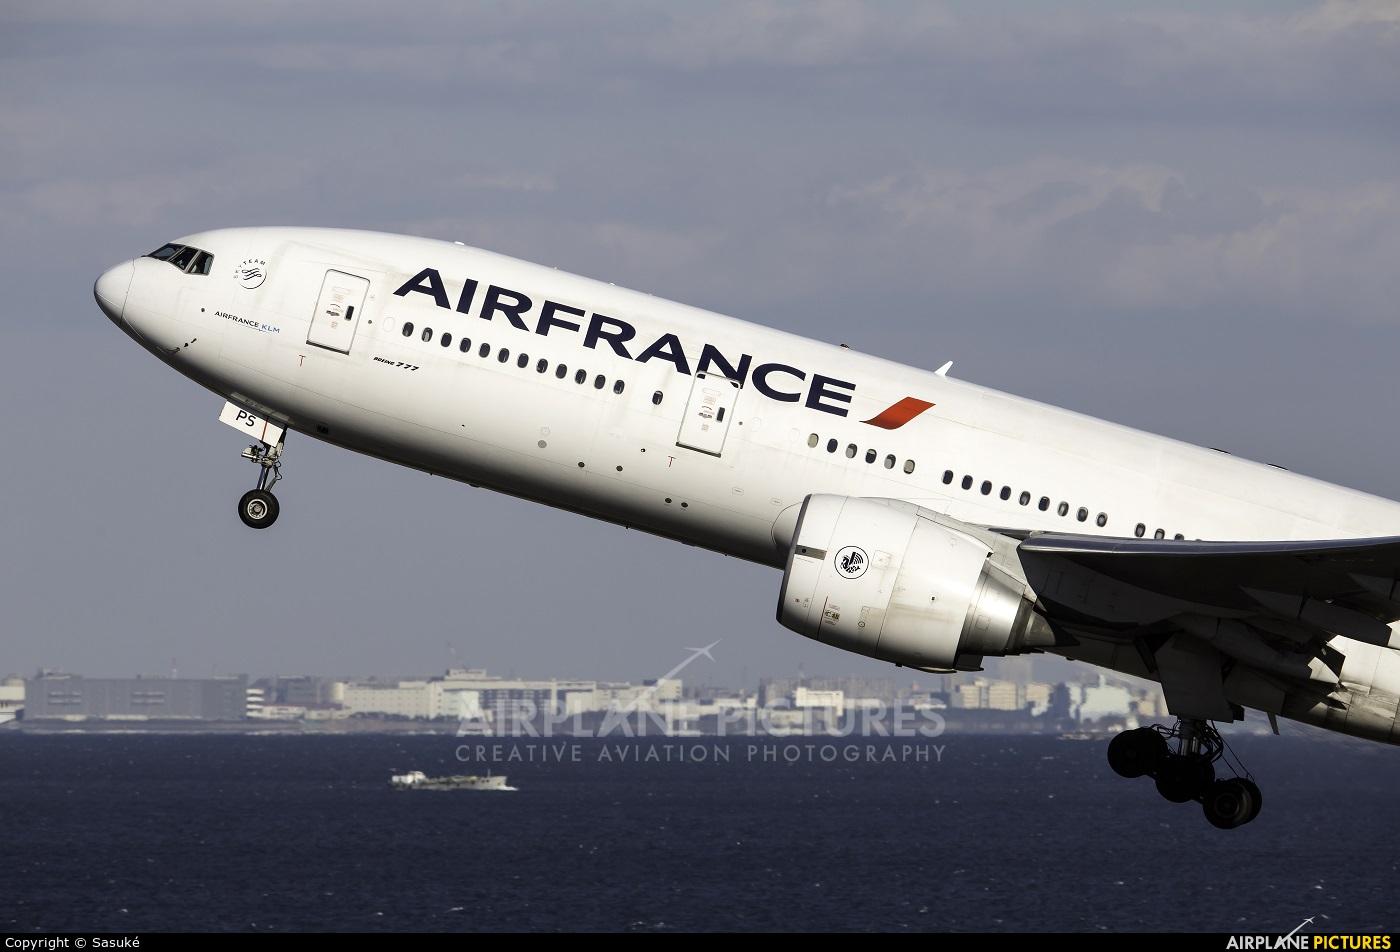 Air France F-GSPS aircraft at Tokyo - Haneda Intl